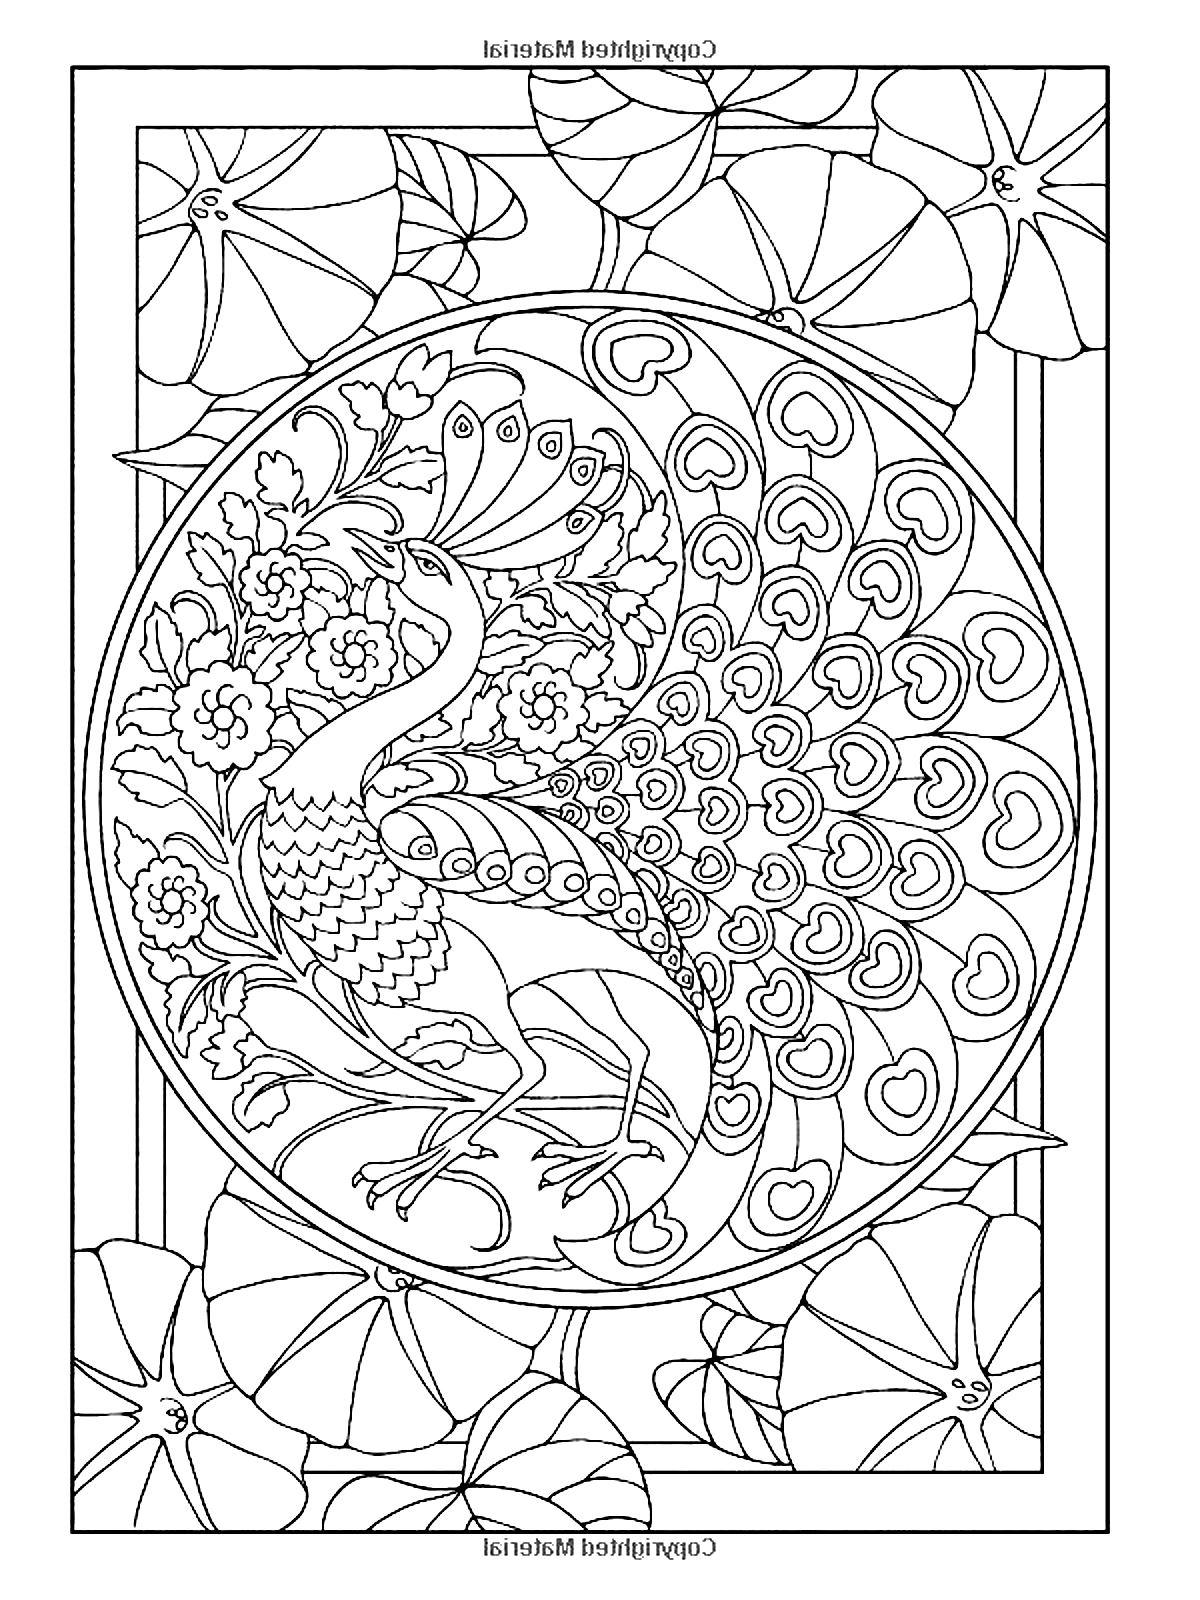 Disegni da colorare per adulti : Art nouveau - 19